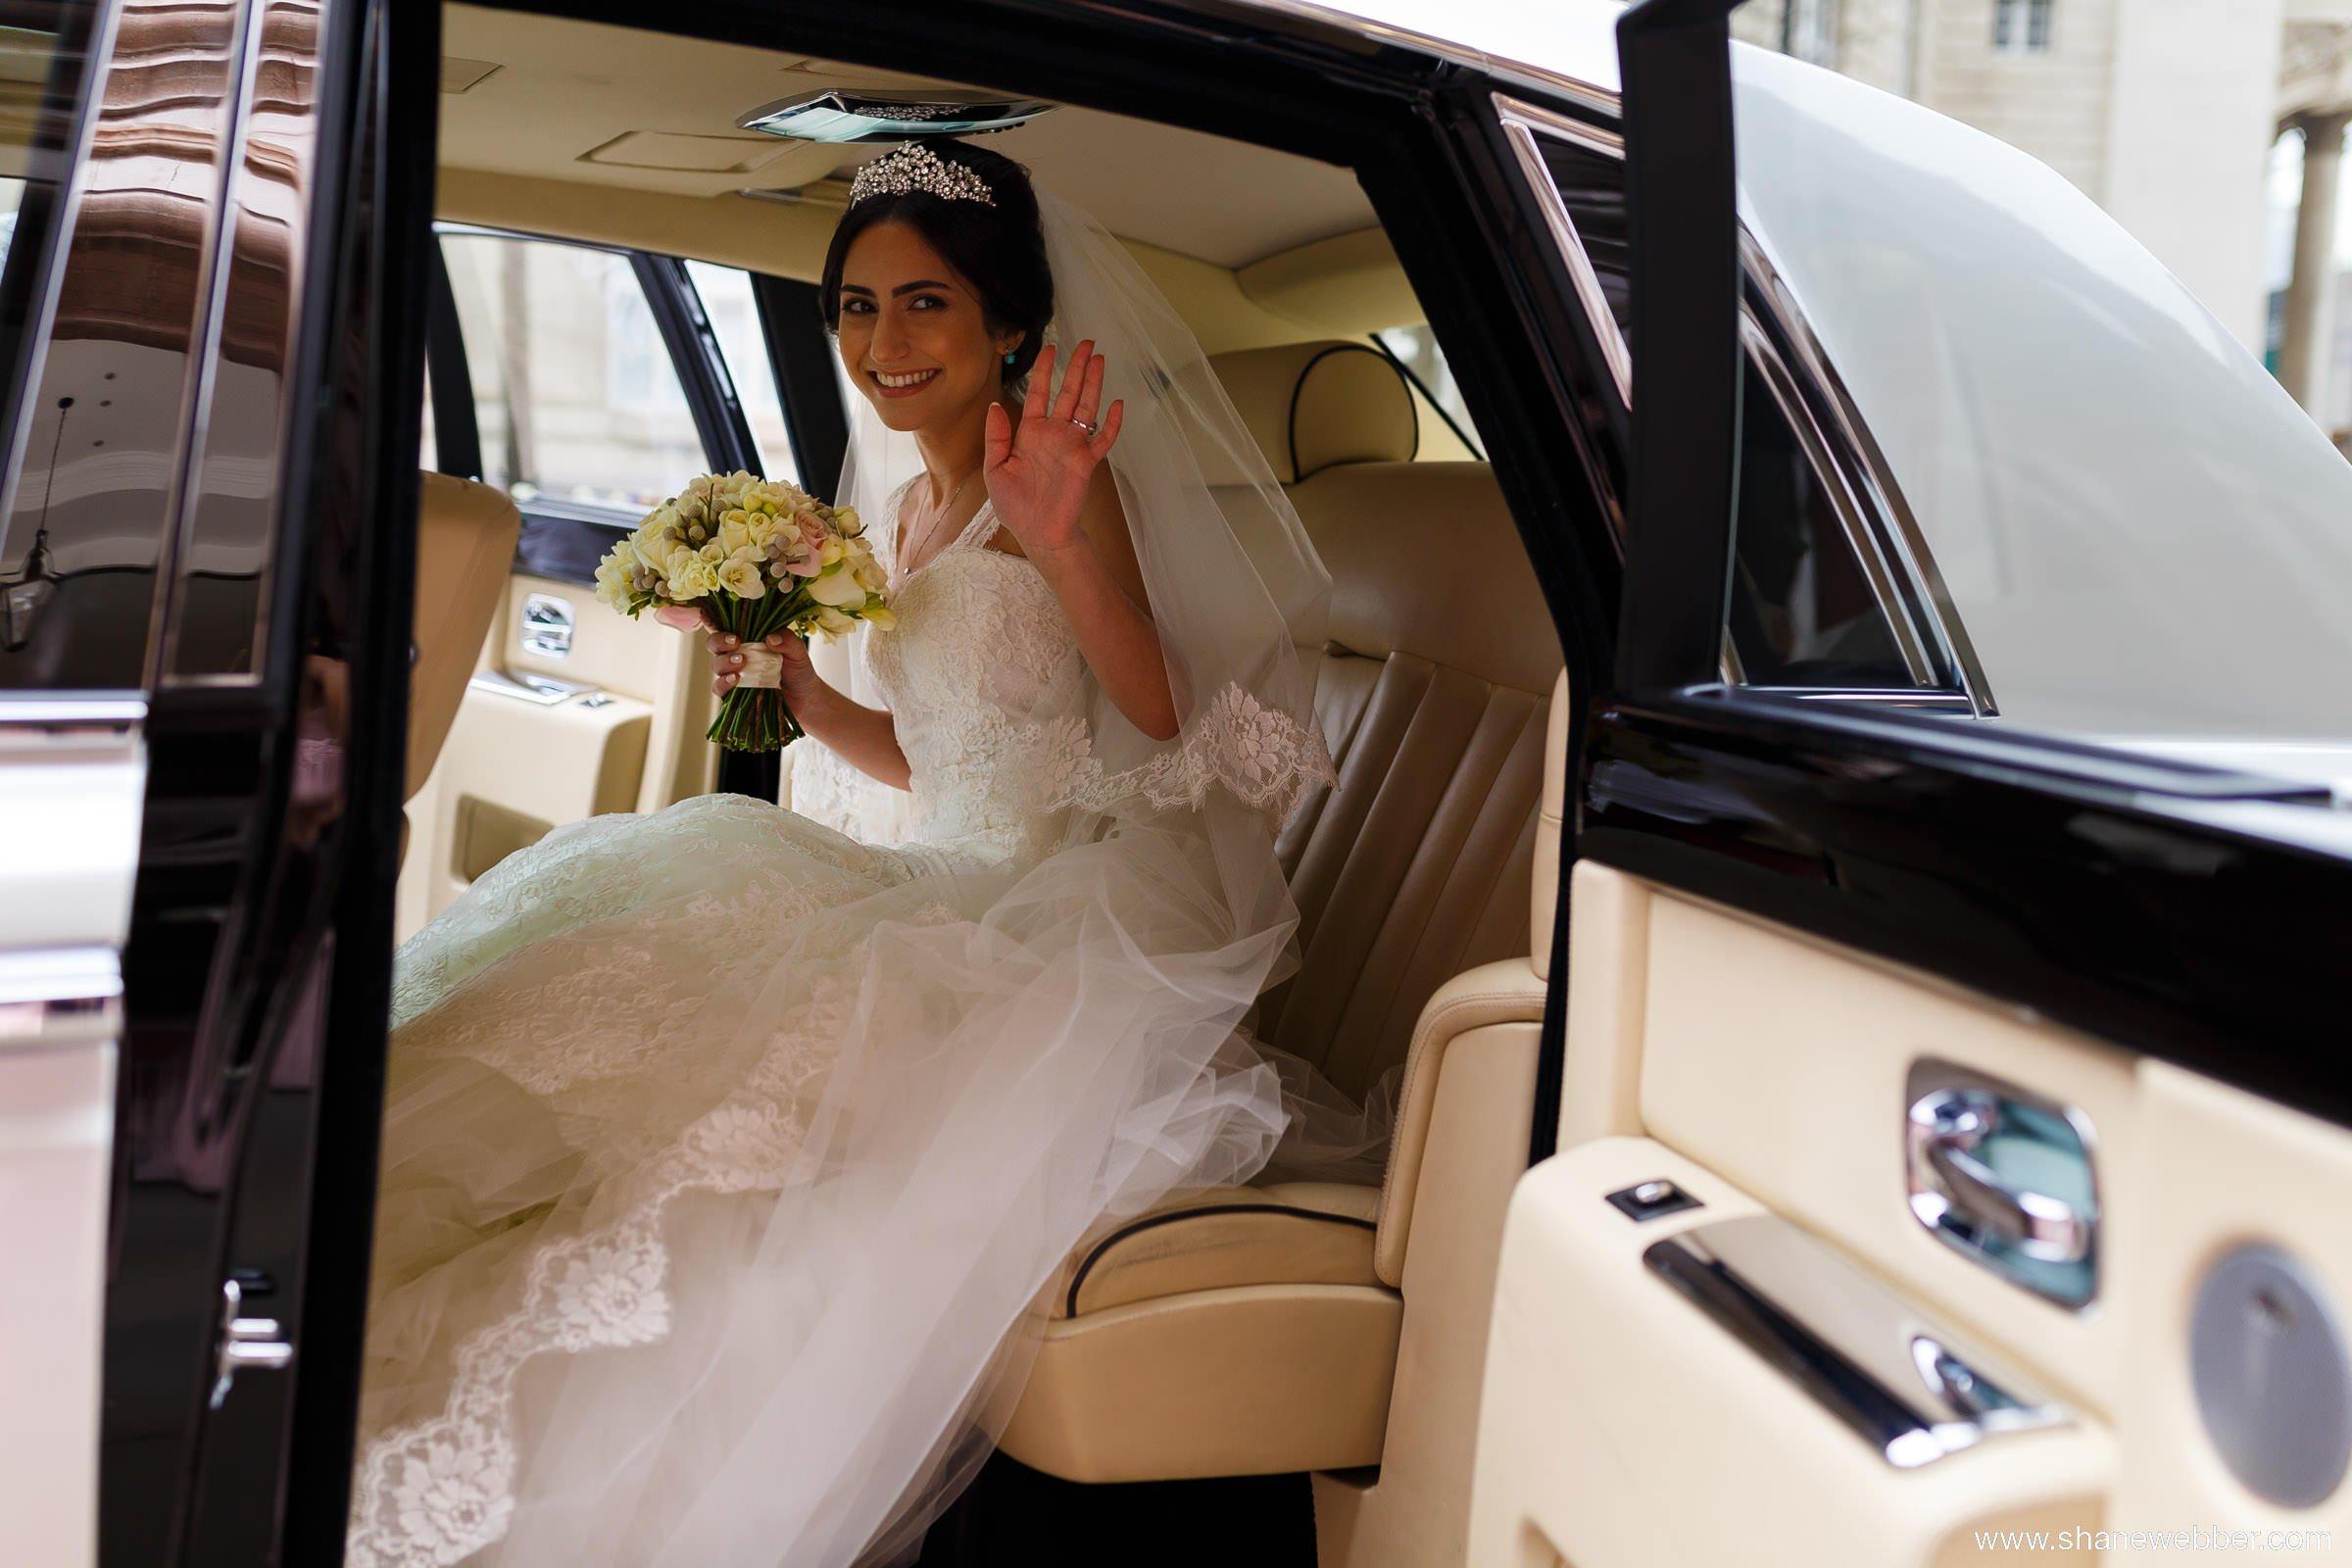 Inside wedding car